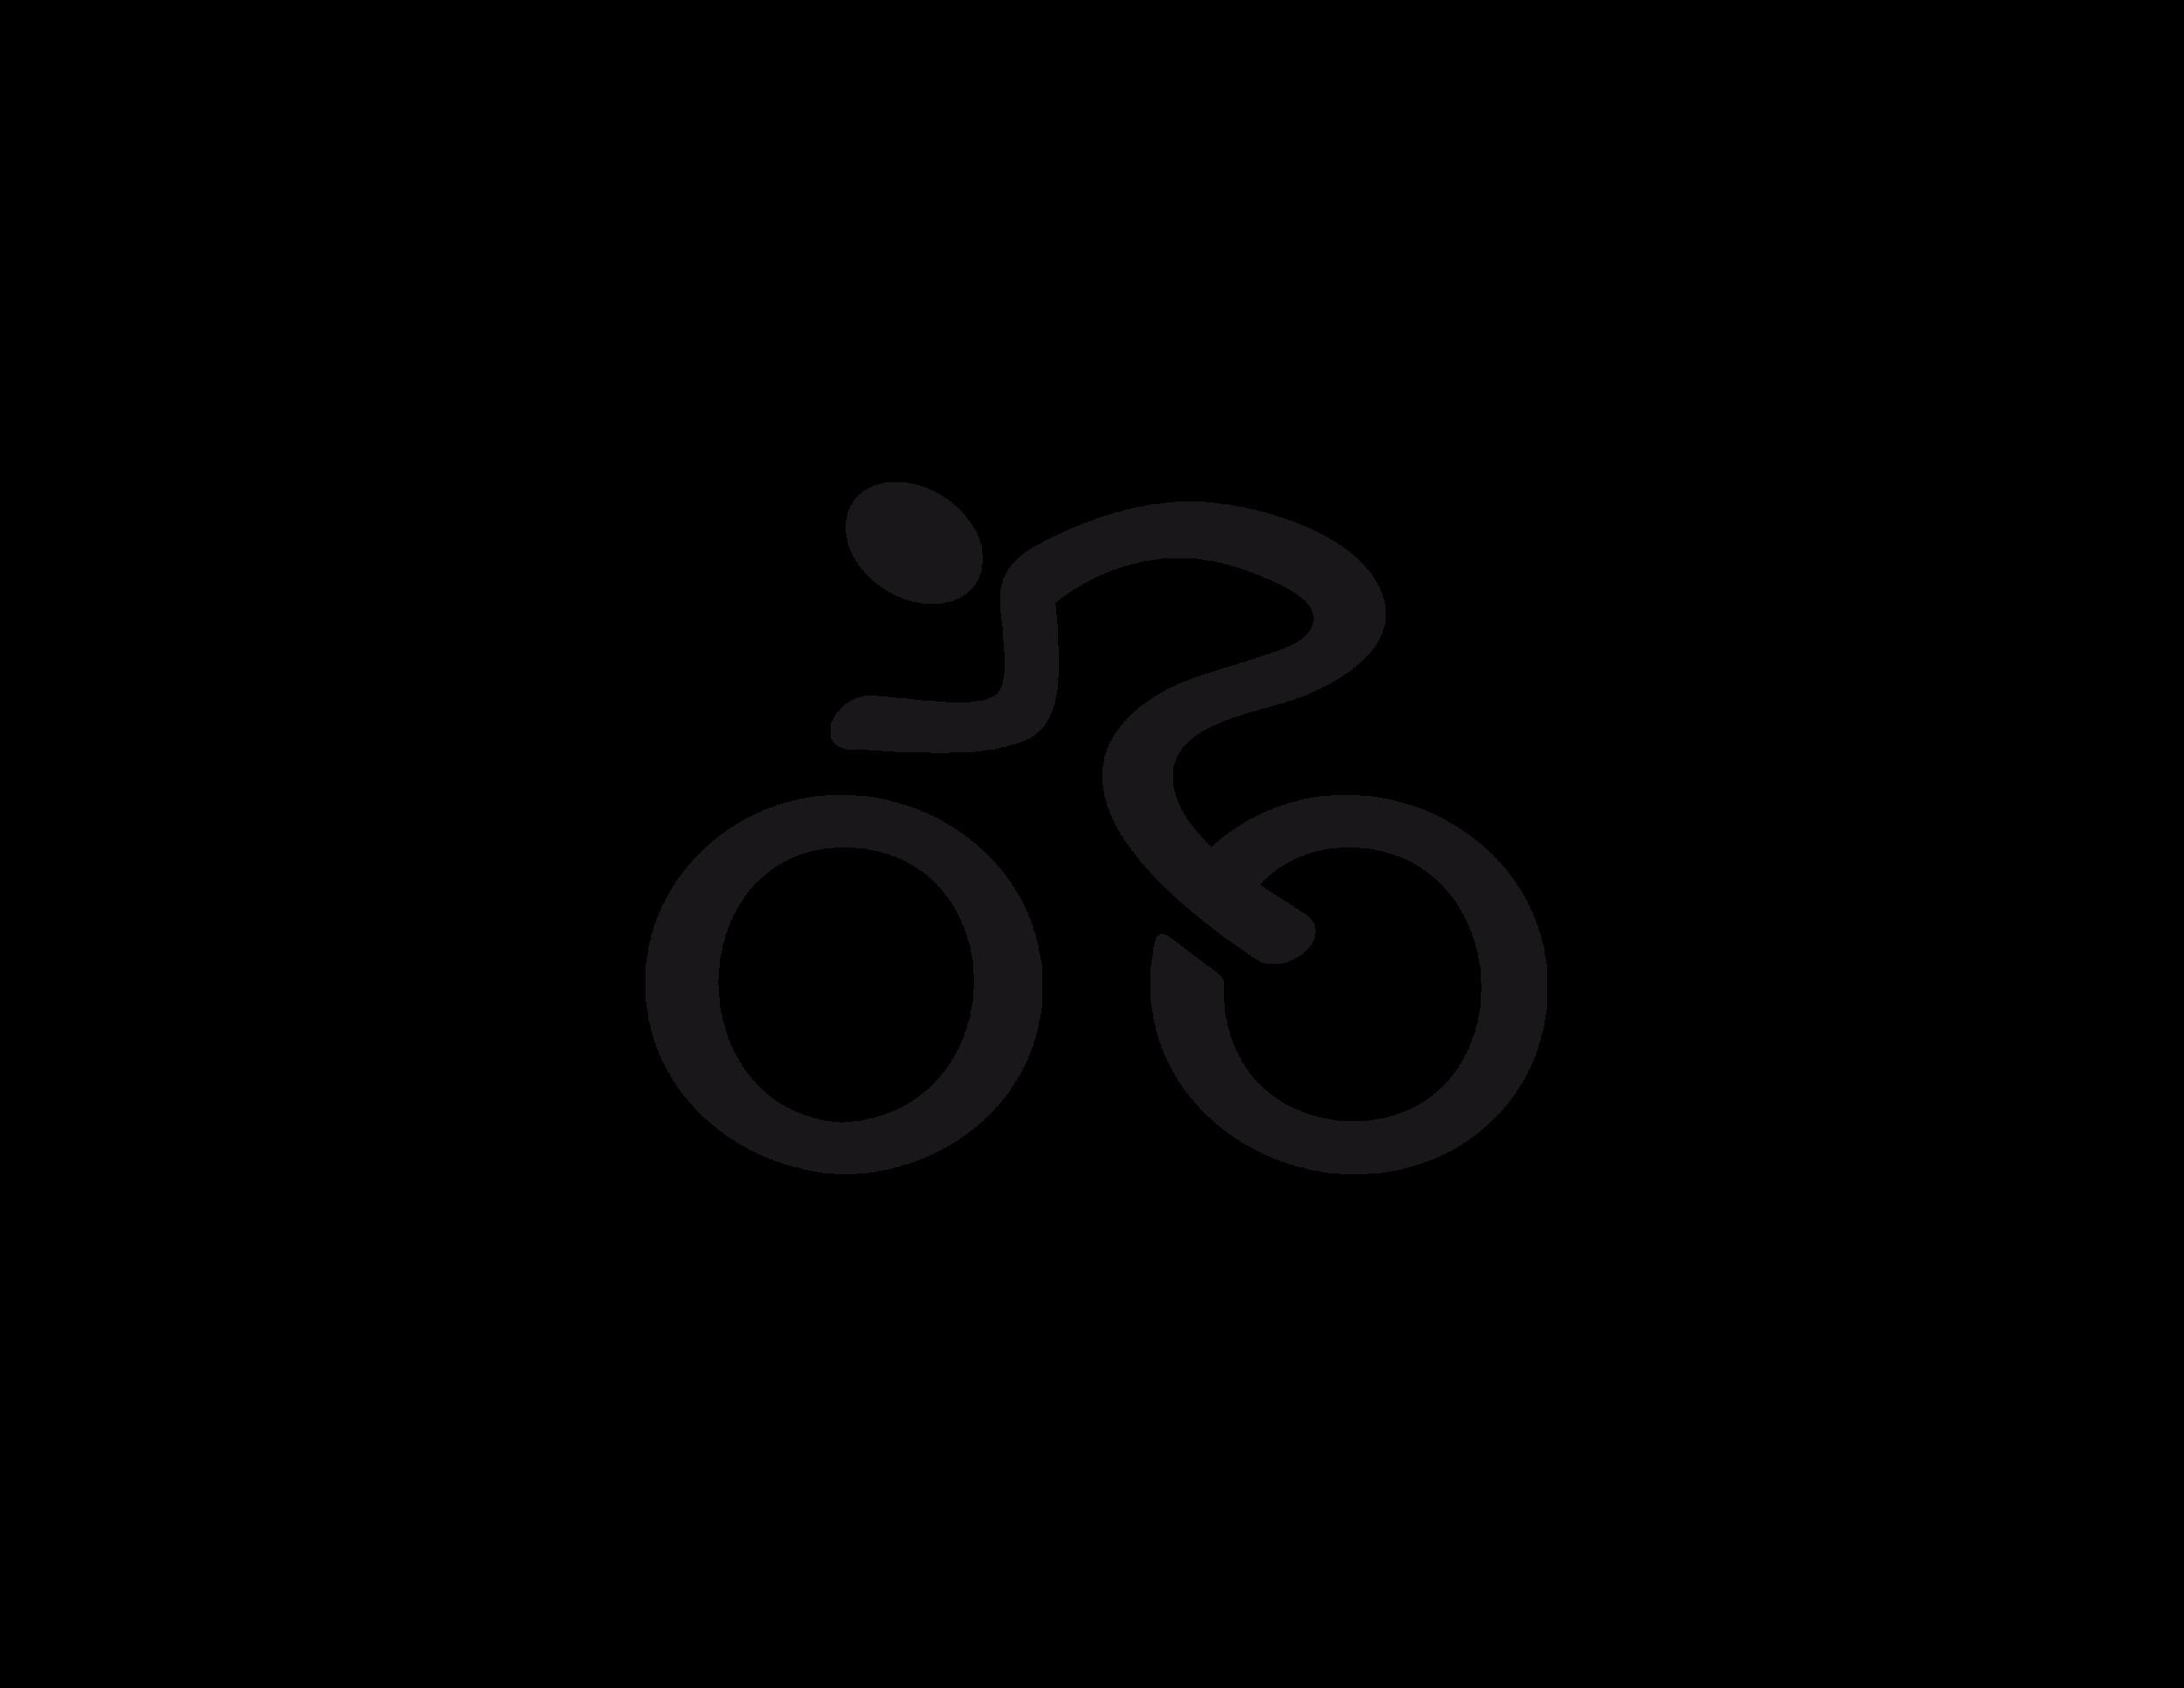 Ciclismo - Acerca del ciclismo: el ciclismo es un deporte fascinante que requiere buena condición física, equilibrio, resistencia y táctica. Las Olimpiadas Especiales incluyen contrarreloj y carreras en diferentes distancias. Todos los atletas que montan en su bicicleta tienen como objetivo viajar en el mejor momento posible y llegar primero a la línea de meta.Diferencias de Ciclismo de Olimpiadas Especiales: Olimpiadas Especiales El ciclismo tiene muy pocas variaciones con las reglas de UCI. Las dos diferencias principales son la regla de esfuerzo honesto que está vigente para las pruebas de tiempo, no para las carreras de ruta, y las manos fuera del manillar en la línea de llegada. Debido a preocupaciones de seguridad. El ciclismo de Olimpiadas Especiales prohíbe las manos fuera del manubrio en cualquier momento, a diferencia del ciclismo no Olimpiadas Especiales donde es común y aceptado y esperado que los ganadores levanten ambas manos después o incluso antes de cruzar la línea de meta. UCI Racing también ofrece competiciones de carreras en cuatro disciplinas principales: carretera, pista, ciclismo de montaña, ciclocross y BMX. Las carreras de Olimpiadas Especiales están limitadas a contrarreloj y carreras de carretera.Eventos para la competencia:250 Medidor de tiempo de prueba500 Medidor de tiempo de prueba1 Kilómetro Tiempo de prueba2 Kilómetro contrarreloj5 Kilómetro Tiempo de prueba10 Kilometer Time Trial10 carrera por carretera en el kilómetro15 carrera por carretera en kilómetros25 carrera por carretera en kilómetros40 Kilometros Road Race5 Kilómetro Unified Sports Tandem Time Trial10 kilómetros de deportes unificados Tandem Time TriaDivisión en Olimpiadas Especiales: los atletas de todos los deportes y eventos se agrupan por edad, sexo y capacidad, dando a todos la oportunidad de ganar. En Olimpiadas Especiales no hay récords mundiales porque cada atleta, ya sea en la división más rápida o más lenta, se valora y reconoce por igual. En cada división, todos